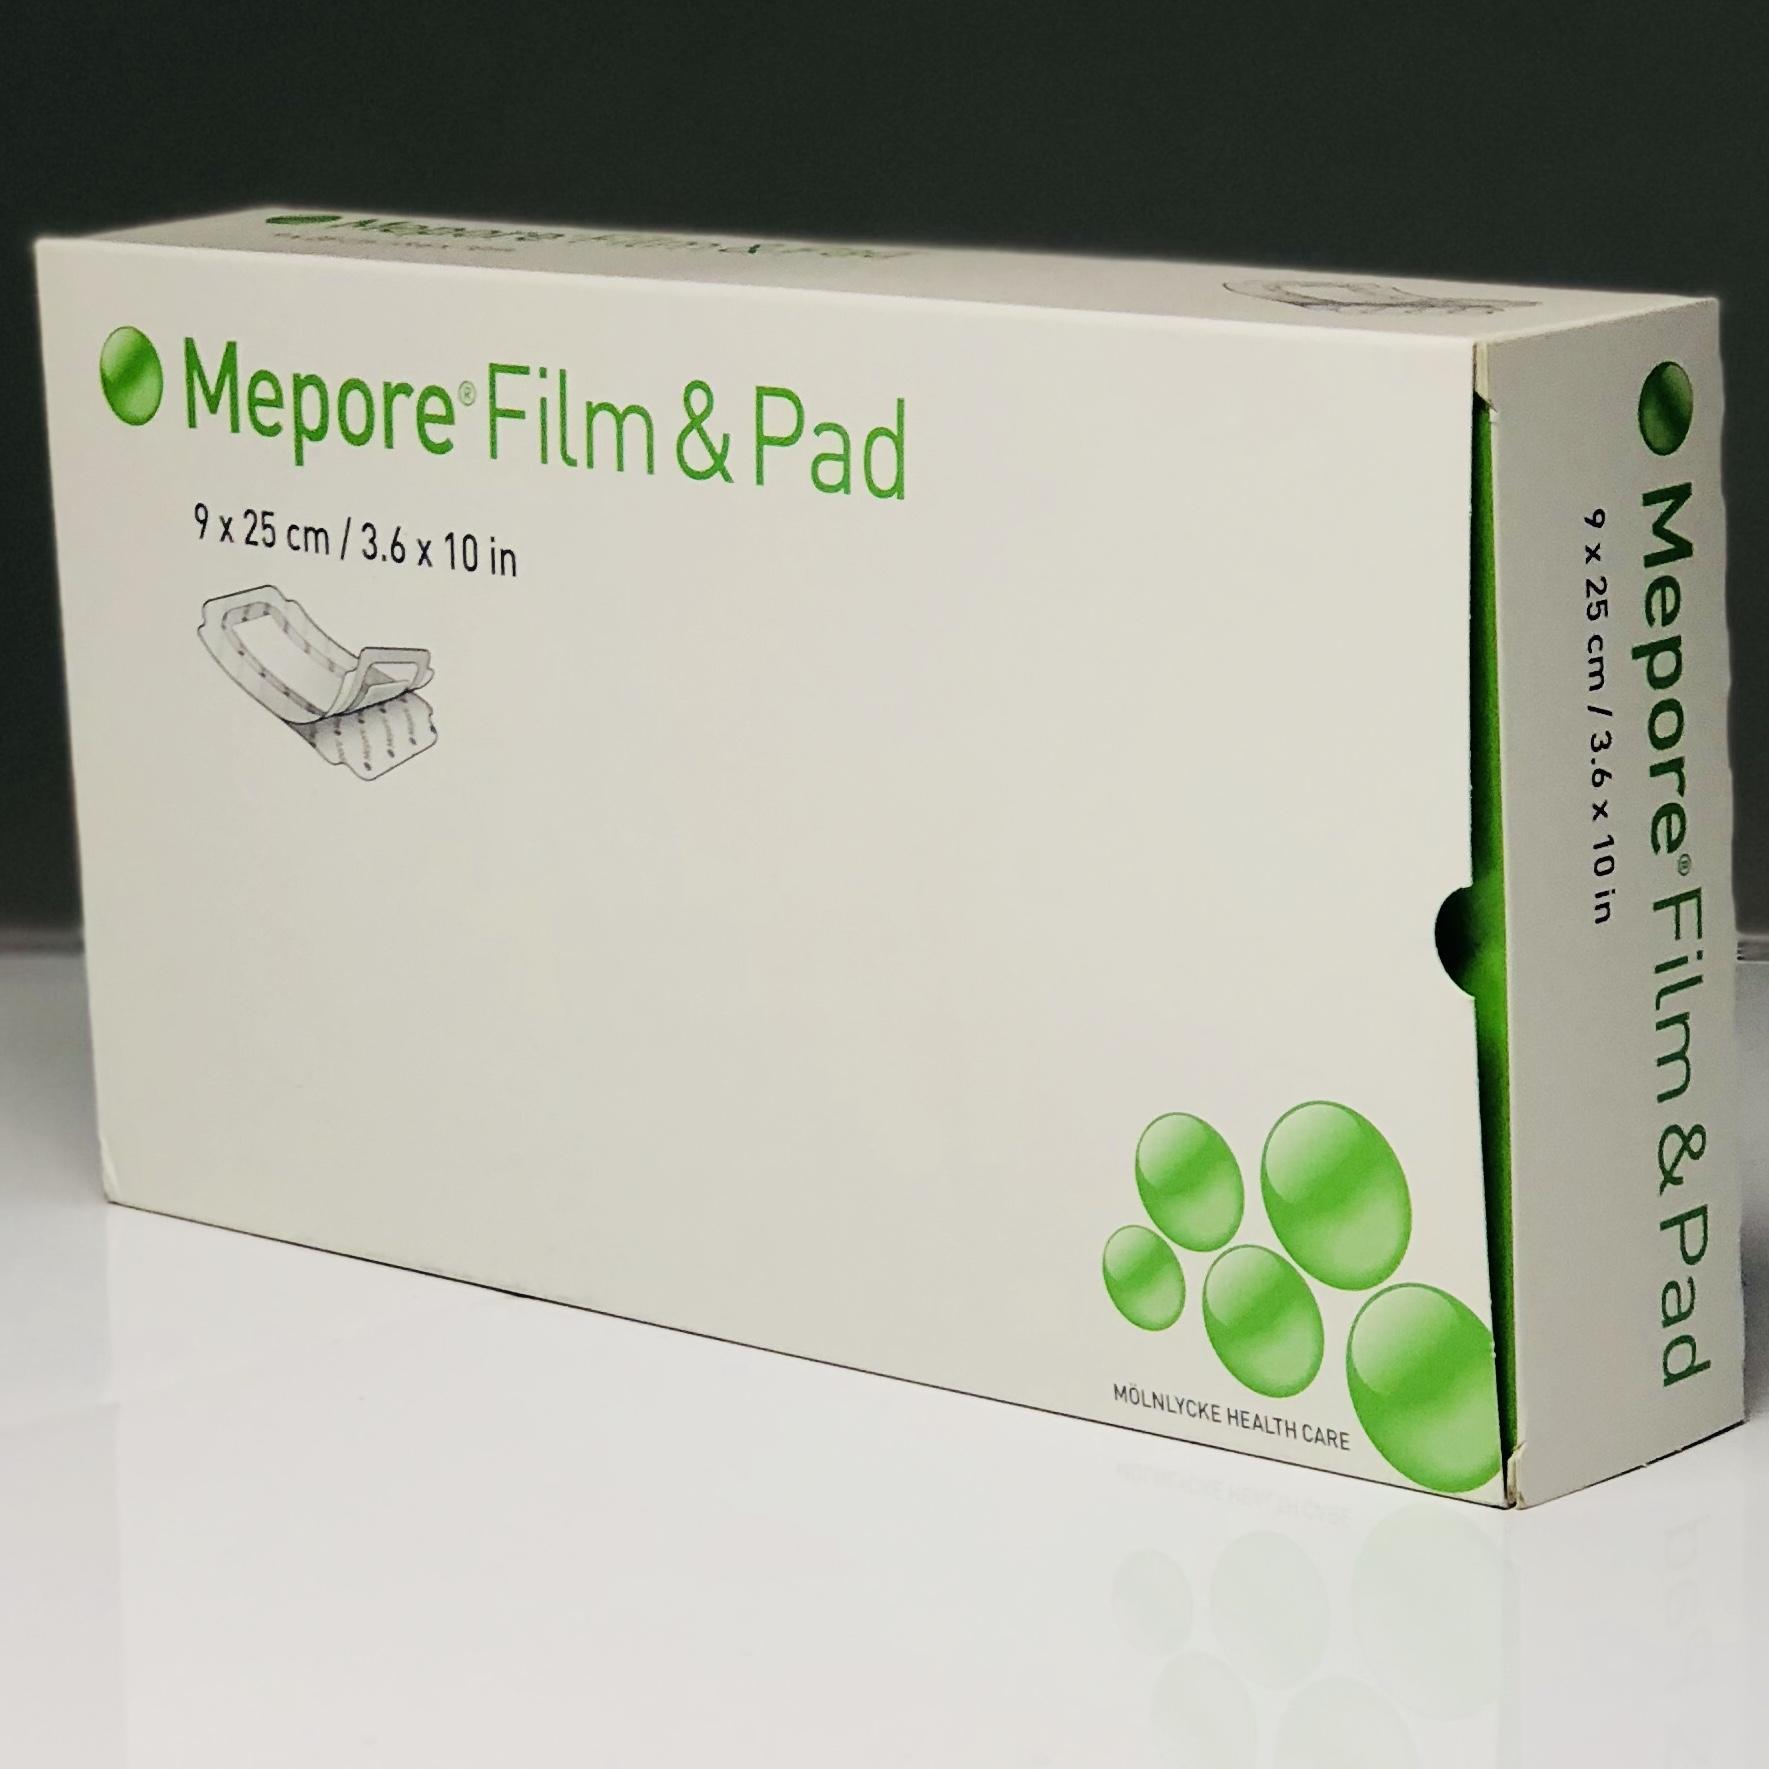 MEPORE FILM & PAD 9CMx25CM, BOX 30